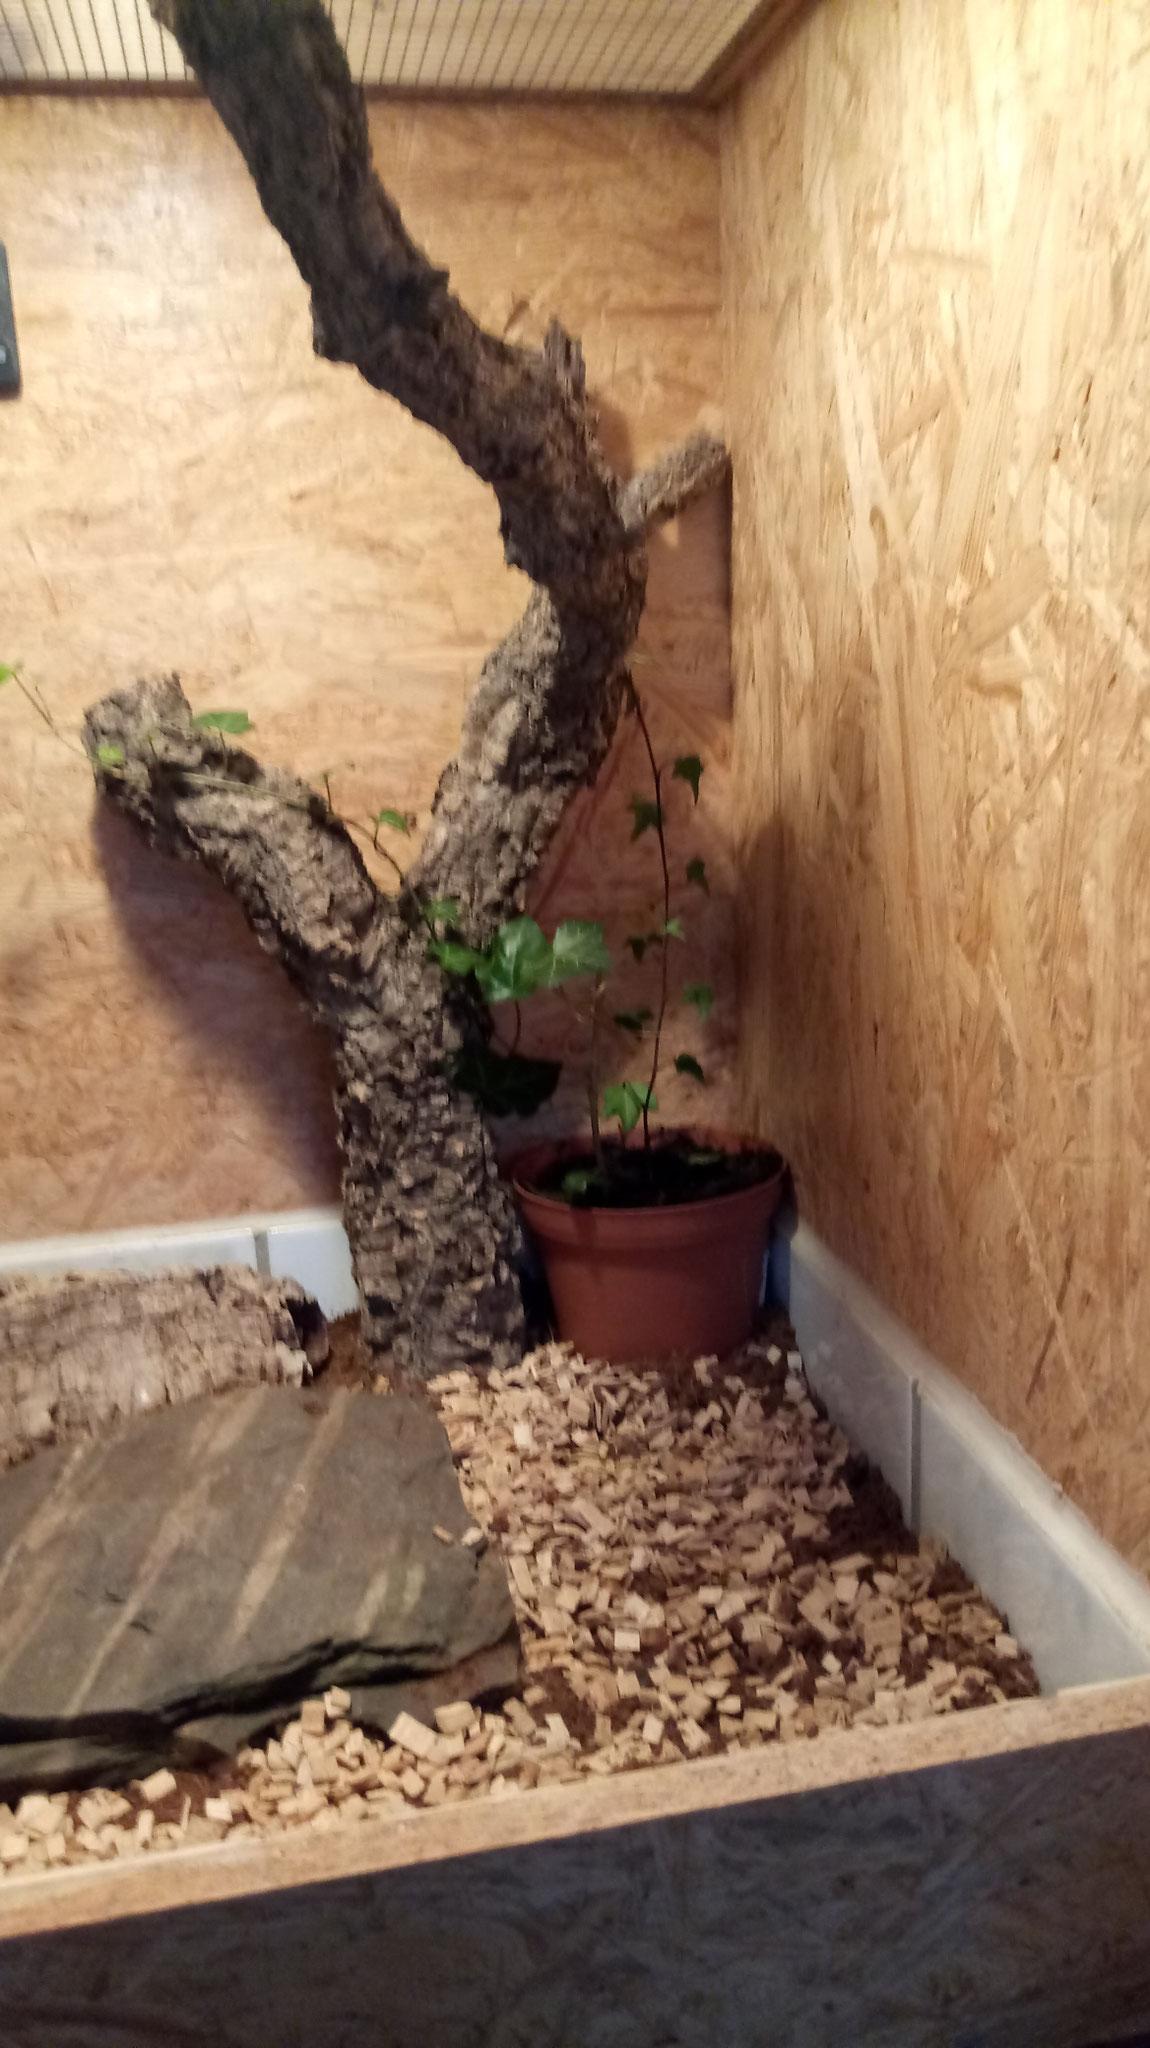 Efeu aus dem eigenen Garten. Garantiert Pestizid frei.